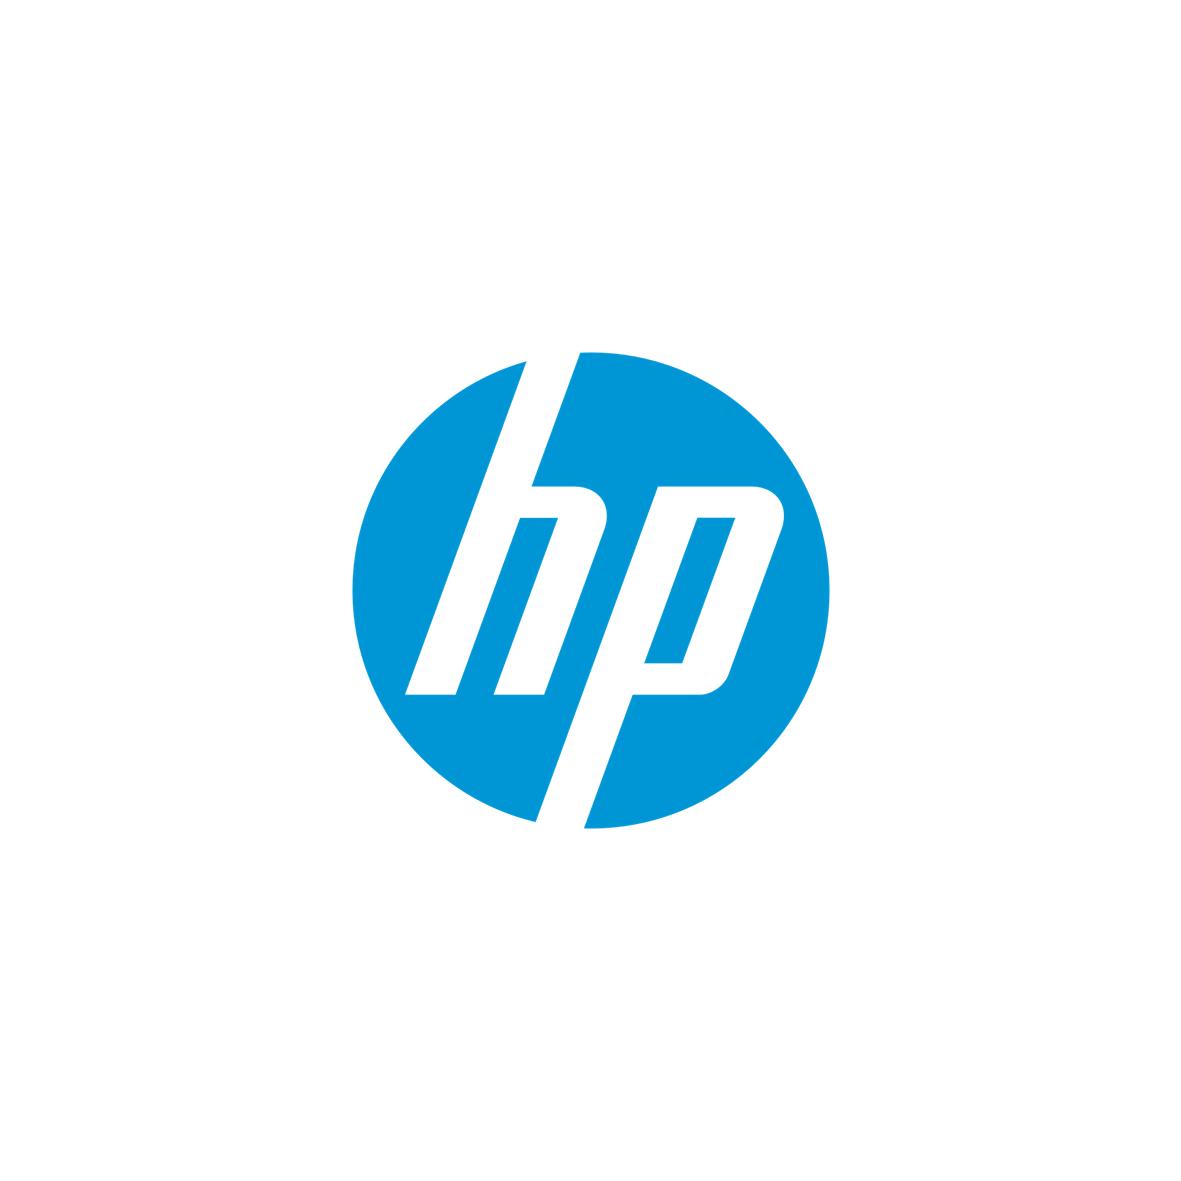 2004-台灣惠普科技 HP Taiwan